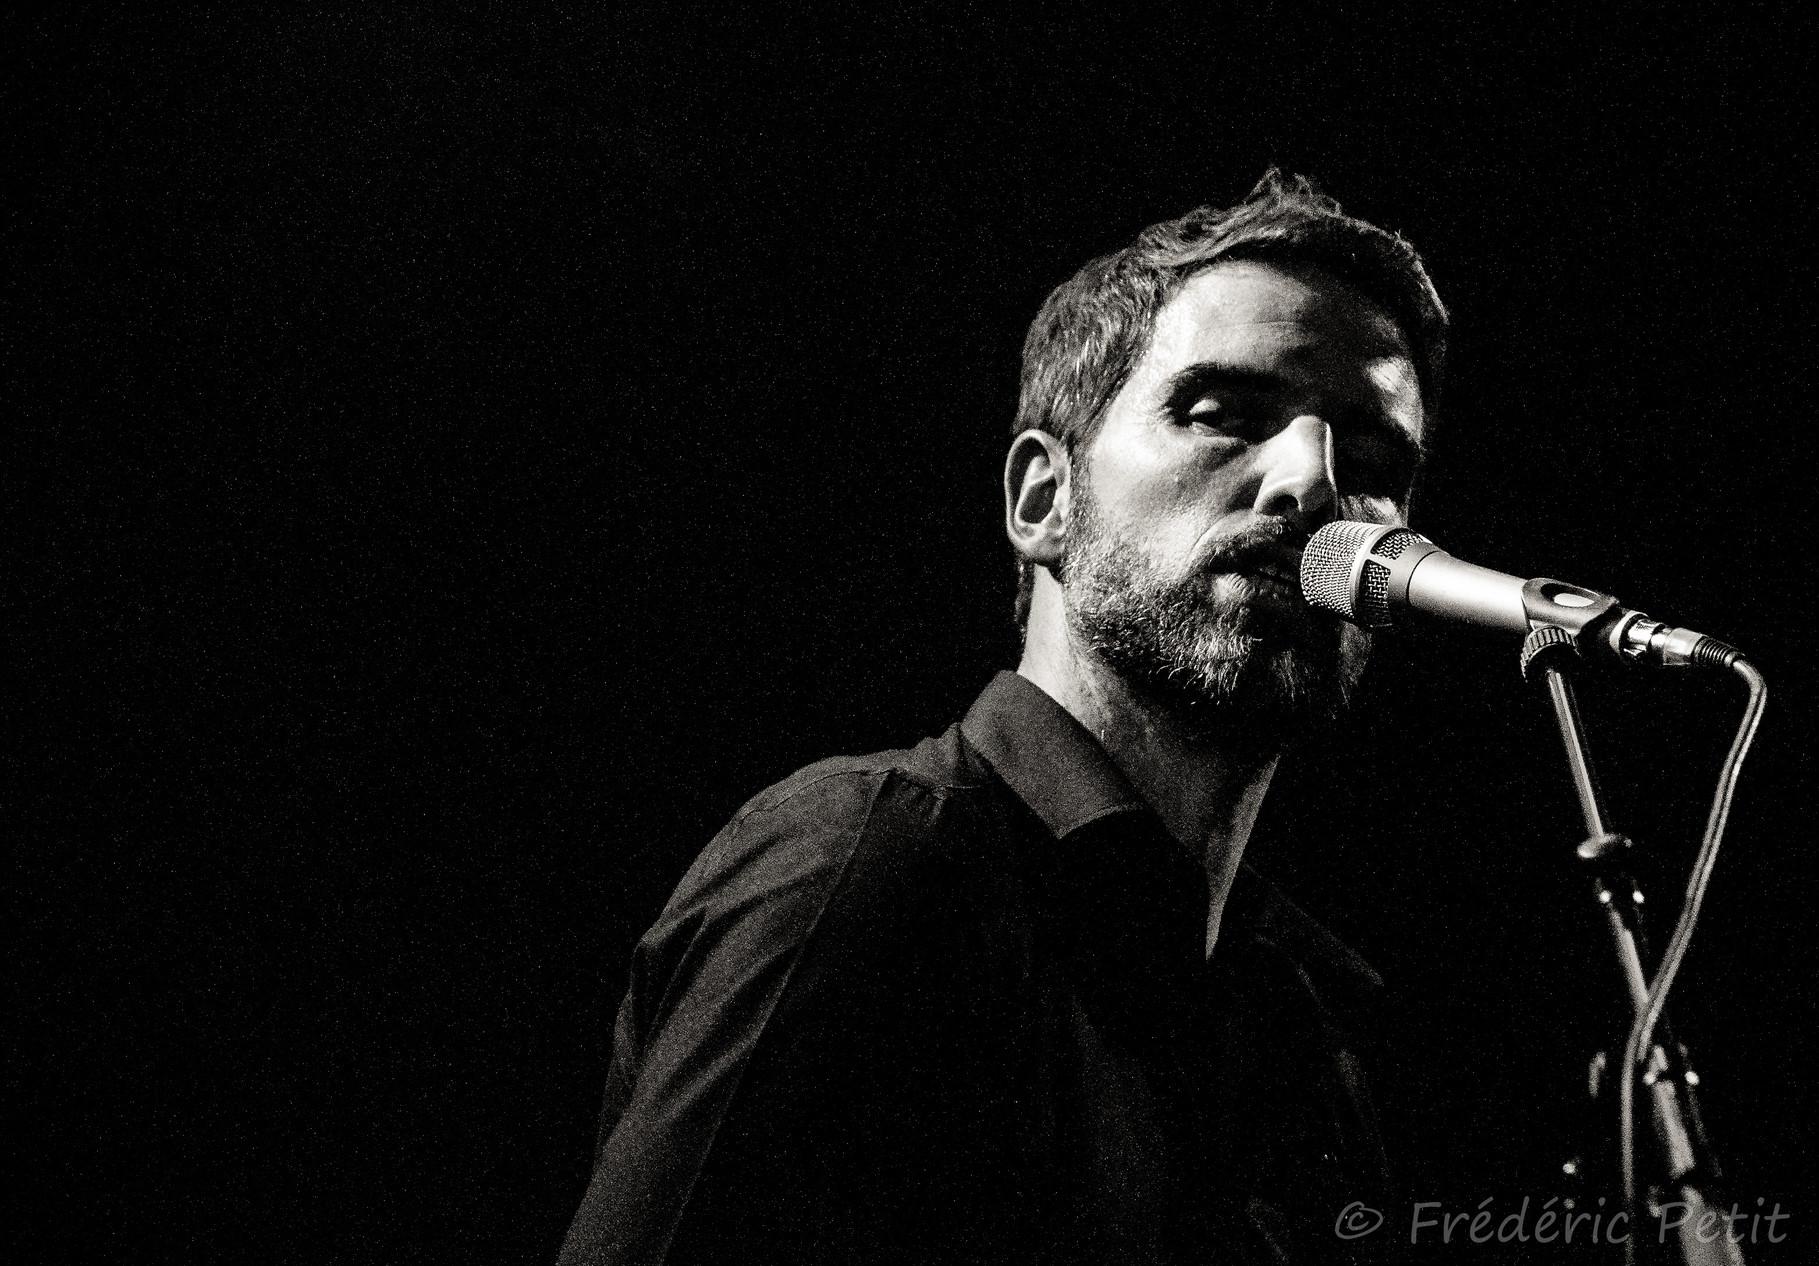 5 décembre 2013 - Fred Metayer @ 3 Baudets